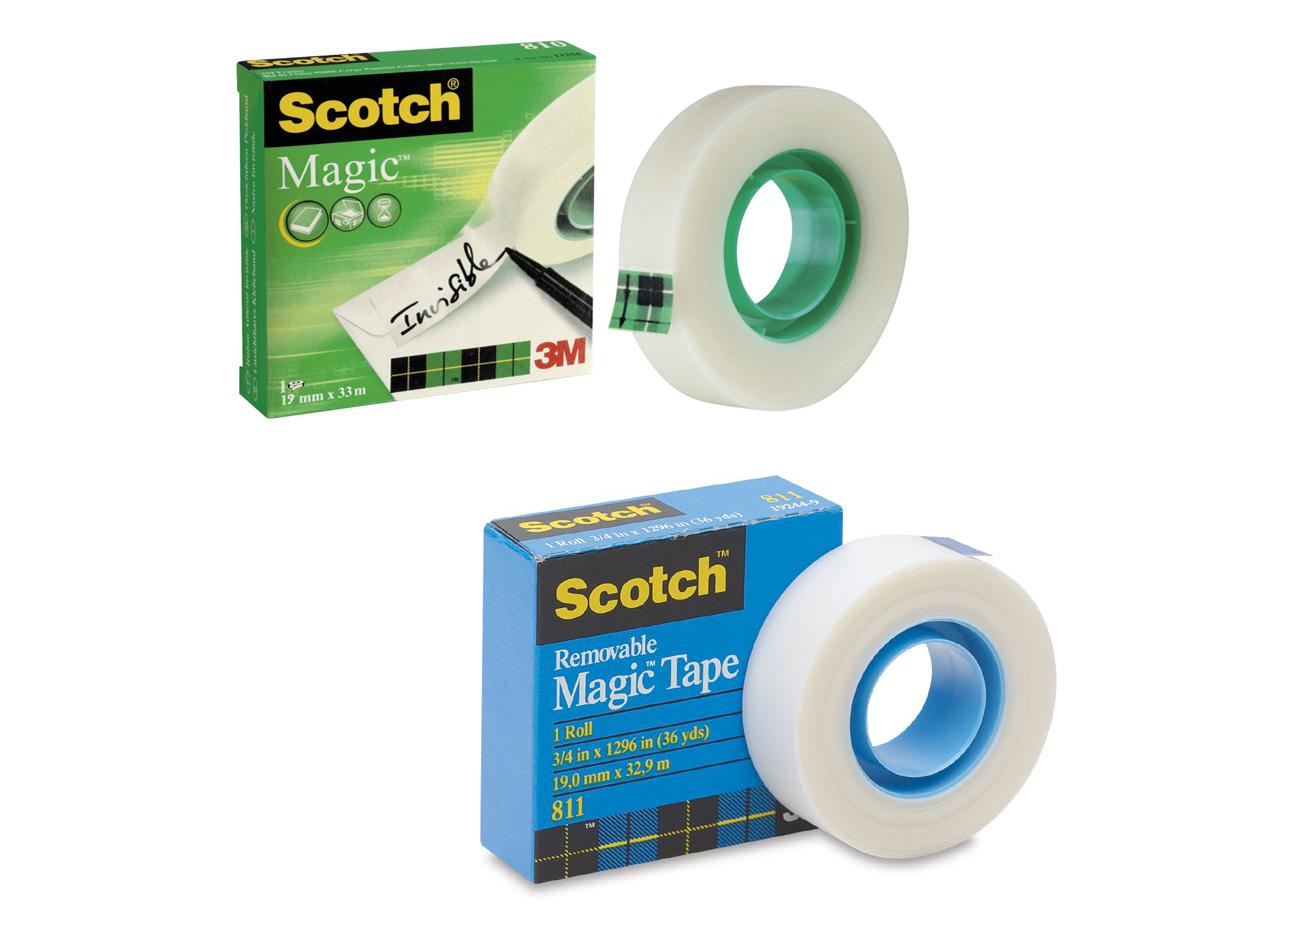 3m Original Mending Tissue 19mm X 33m Your Store Of 1 Box Magic